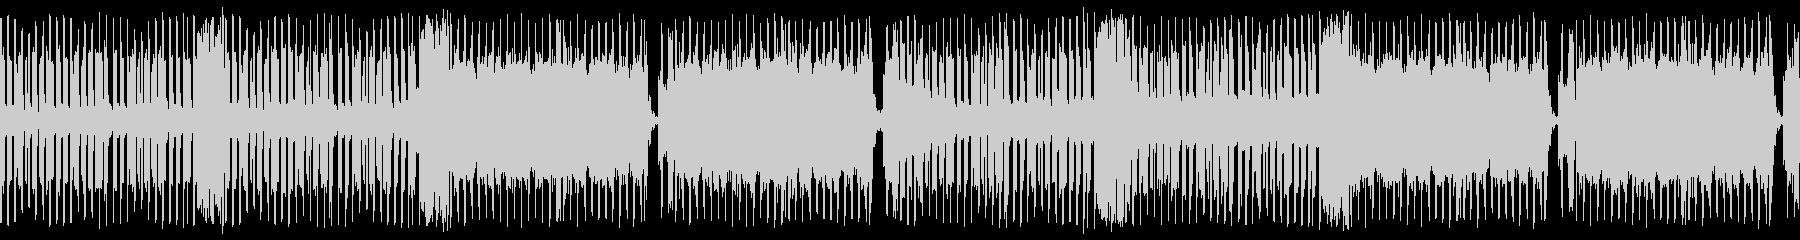 明るいレトロなテクノポップの未再生の波形